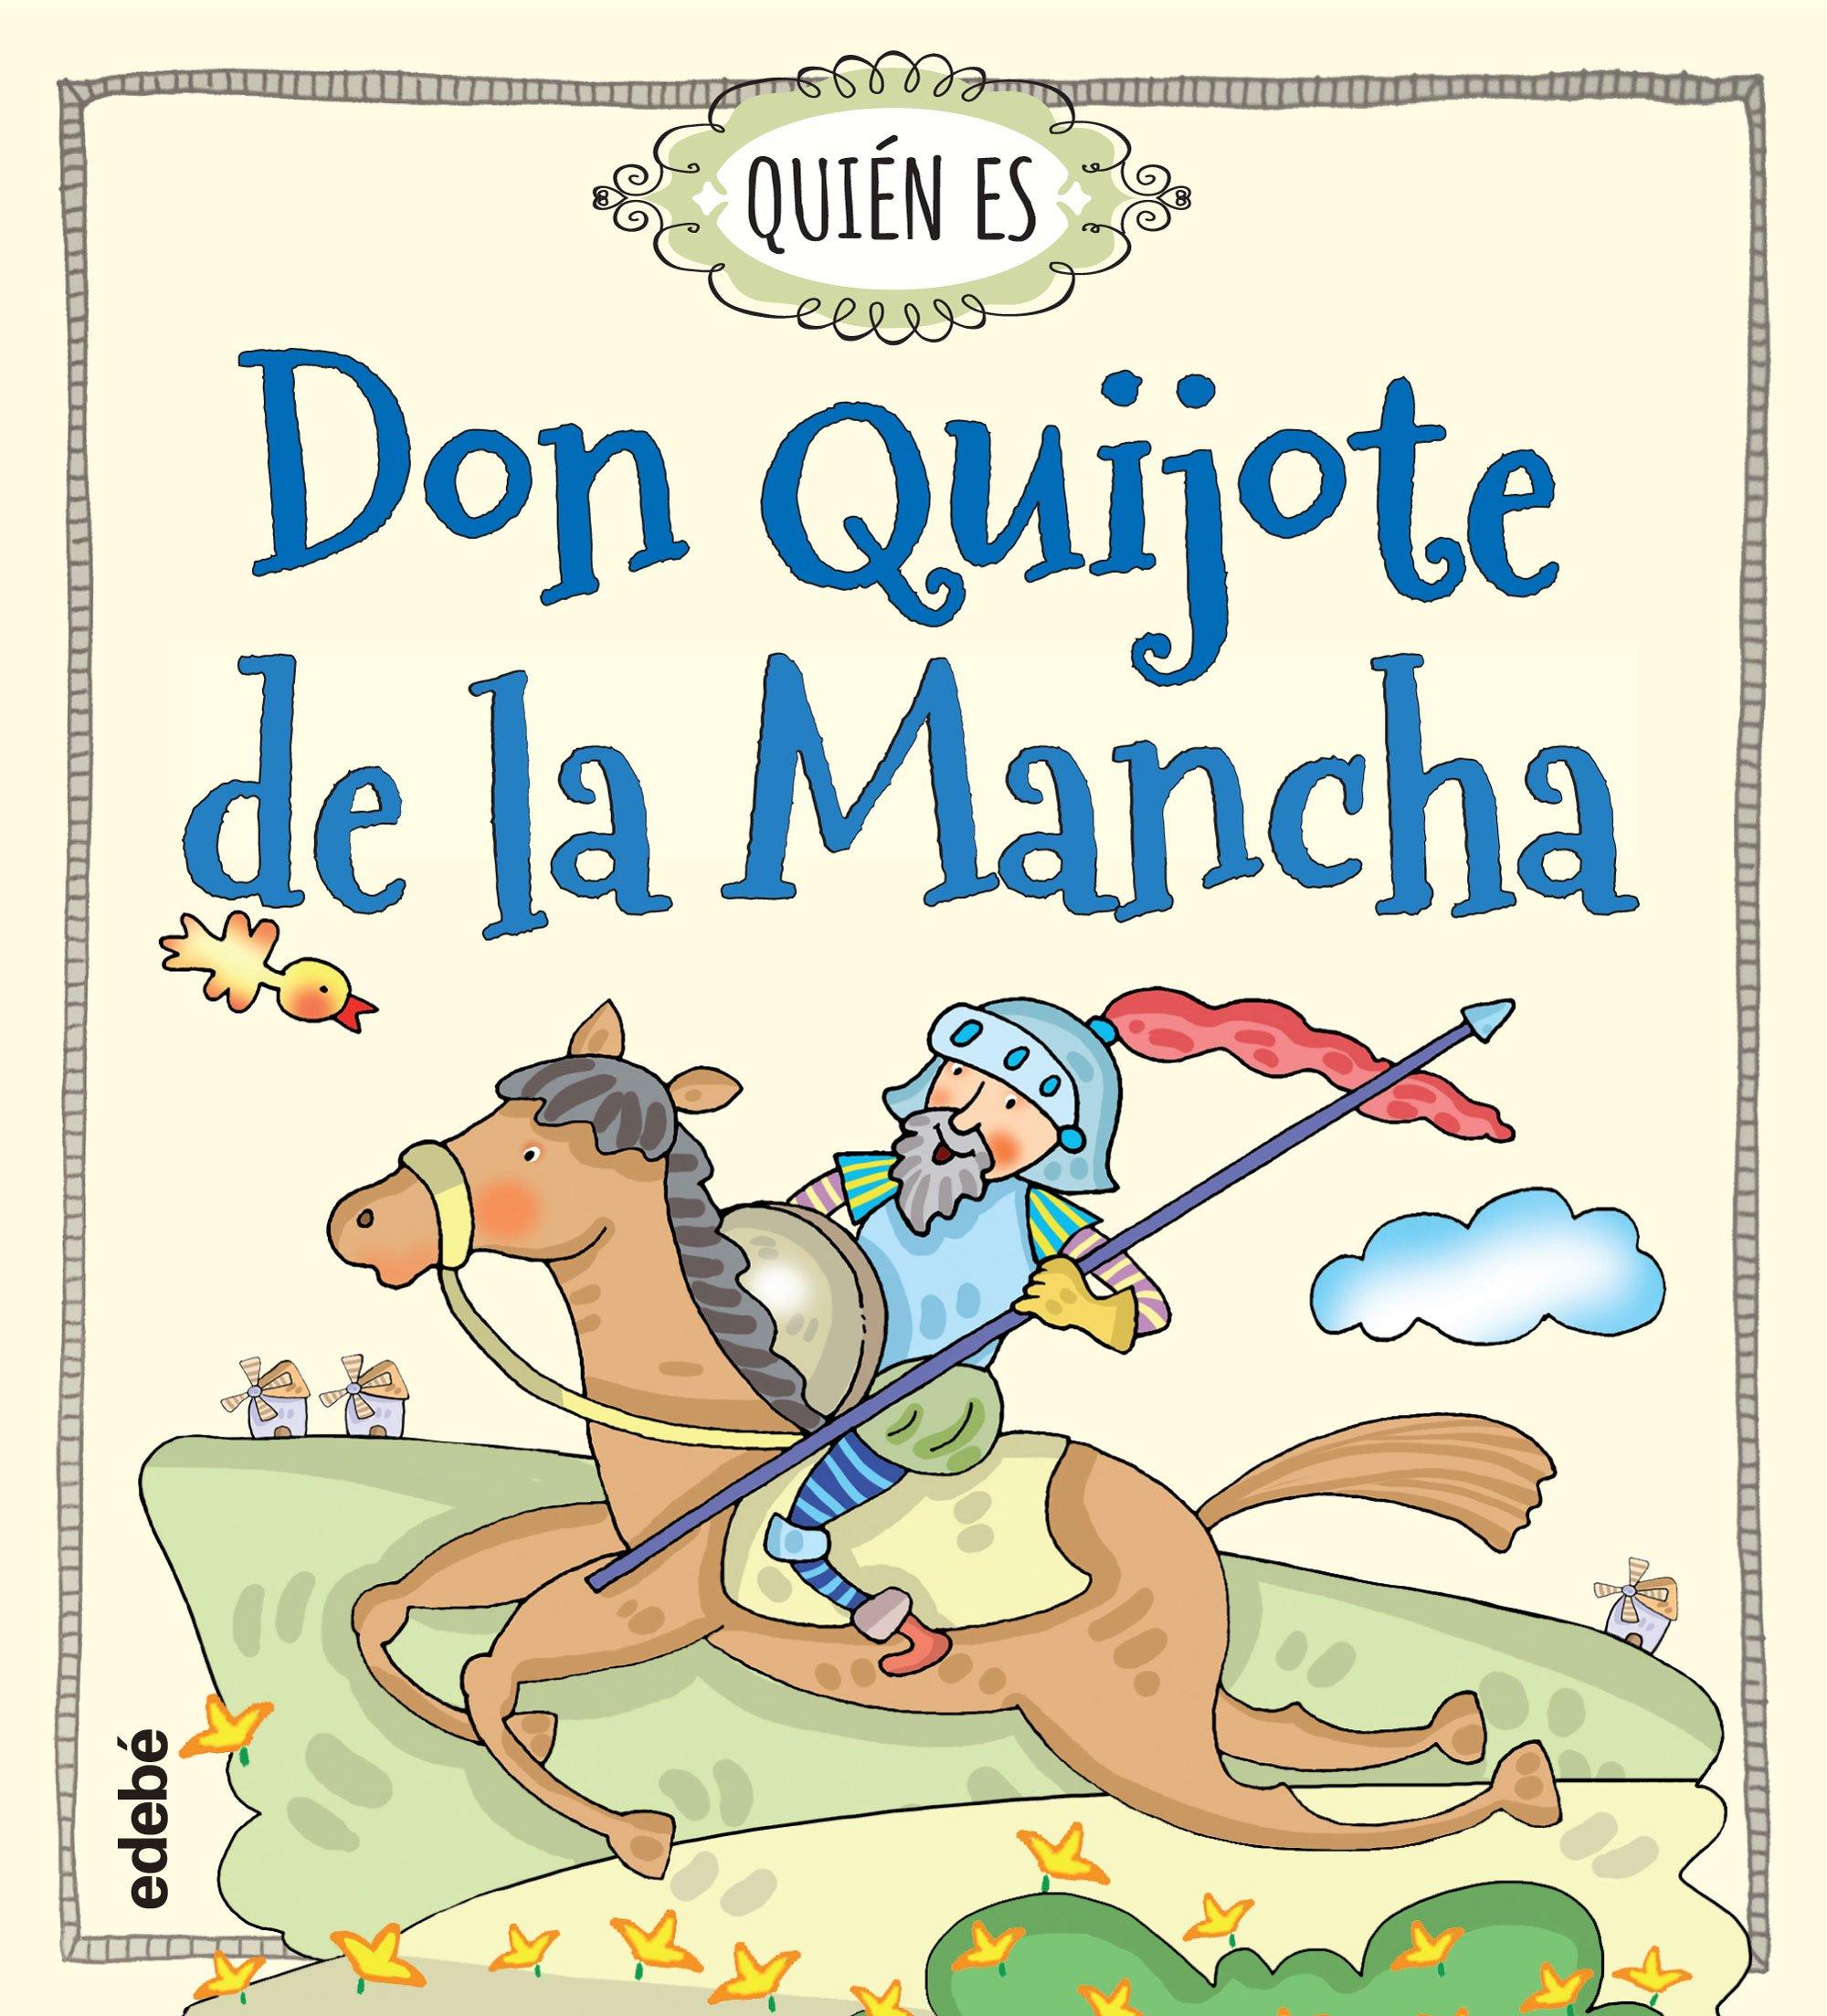 Quién es Don Quijote de la Mancha: Amazon.es: Navarro Durán, Rosa ...